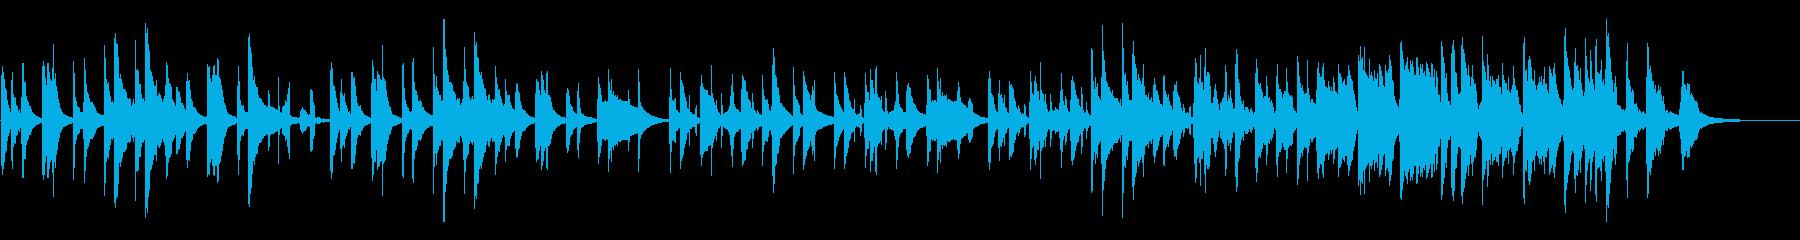 【CM動画】可愛らしいマリンバ【短縮版】の再生済みの波形